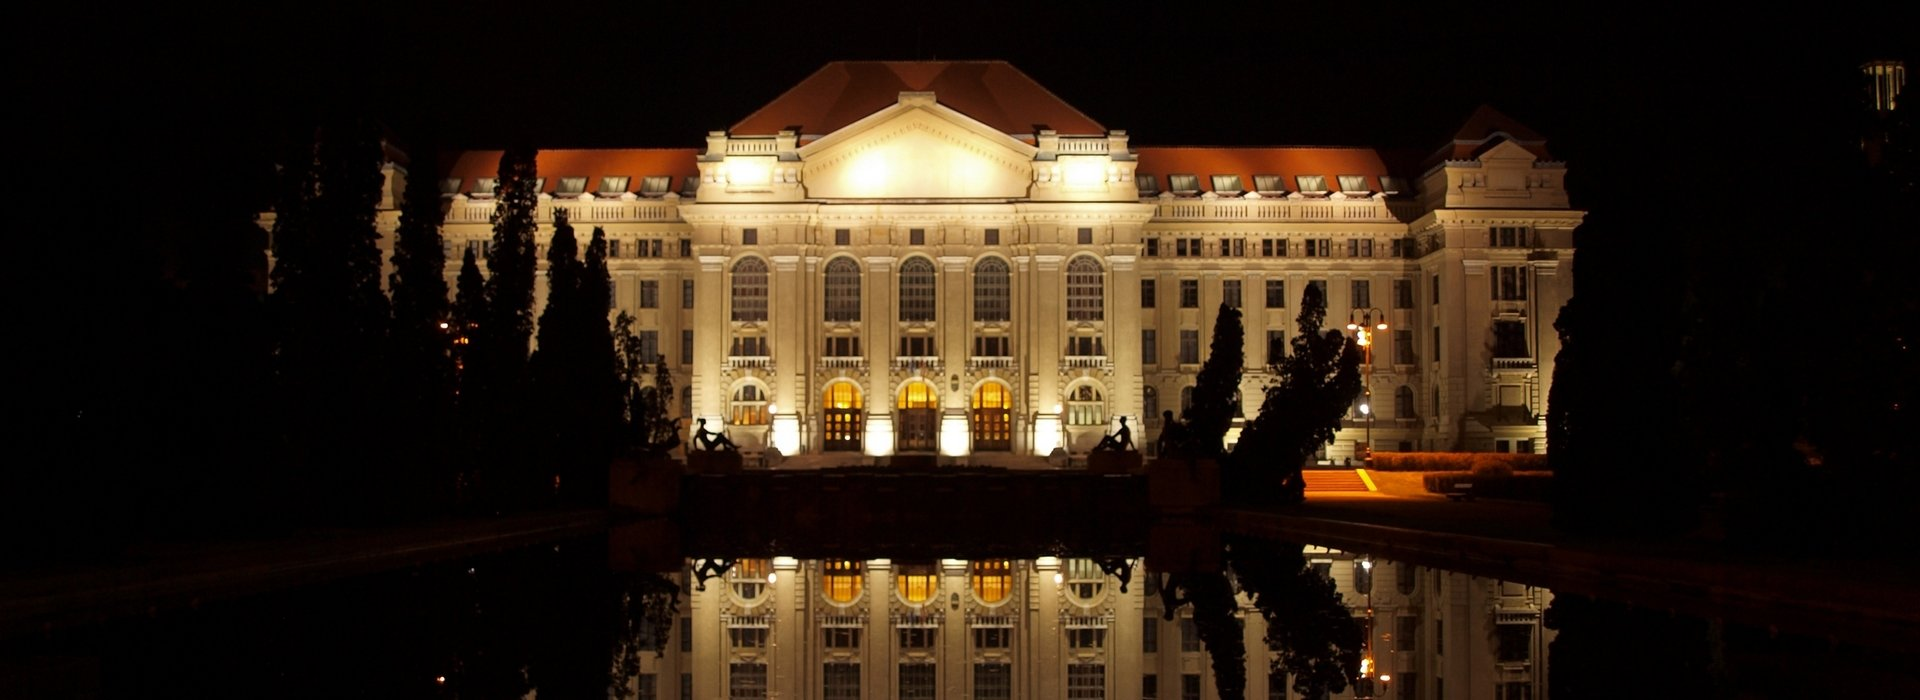 Debrecen Sehenswürdigkeiten